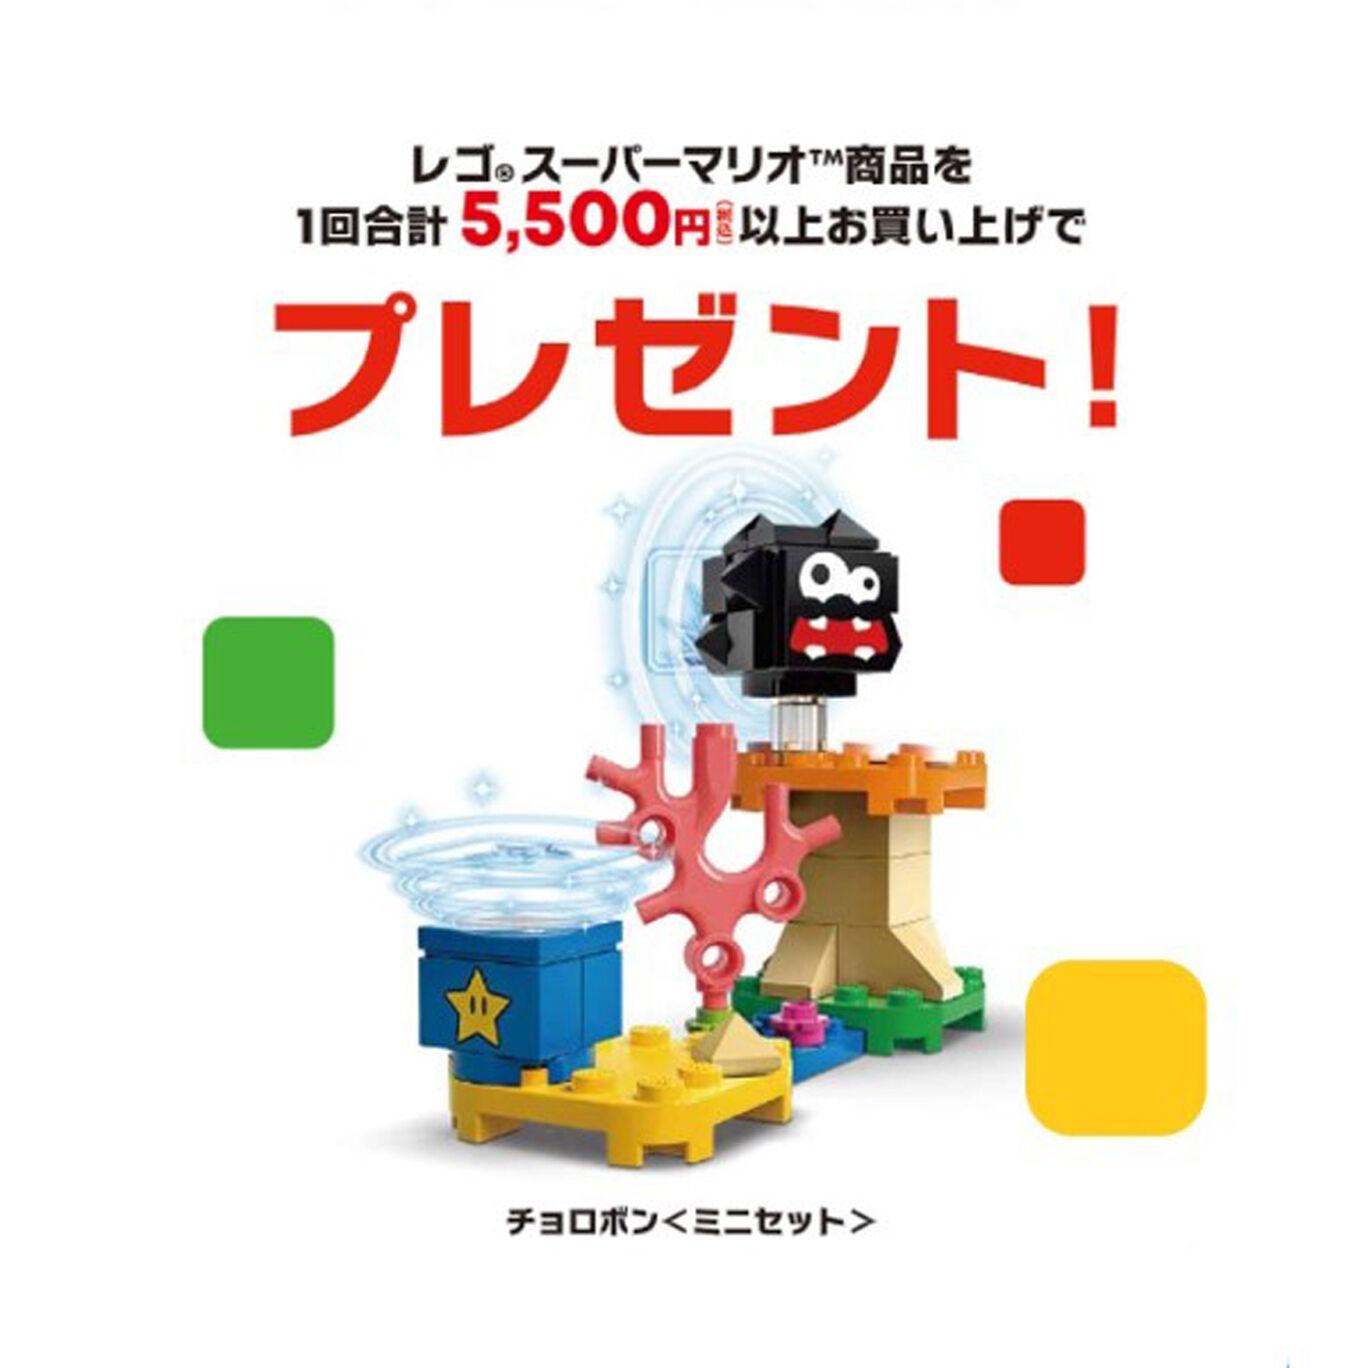 レゴ(R)スーパーマリオ ハナチャン と フリフリアクション チャレンジ